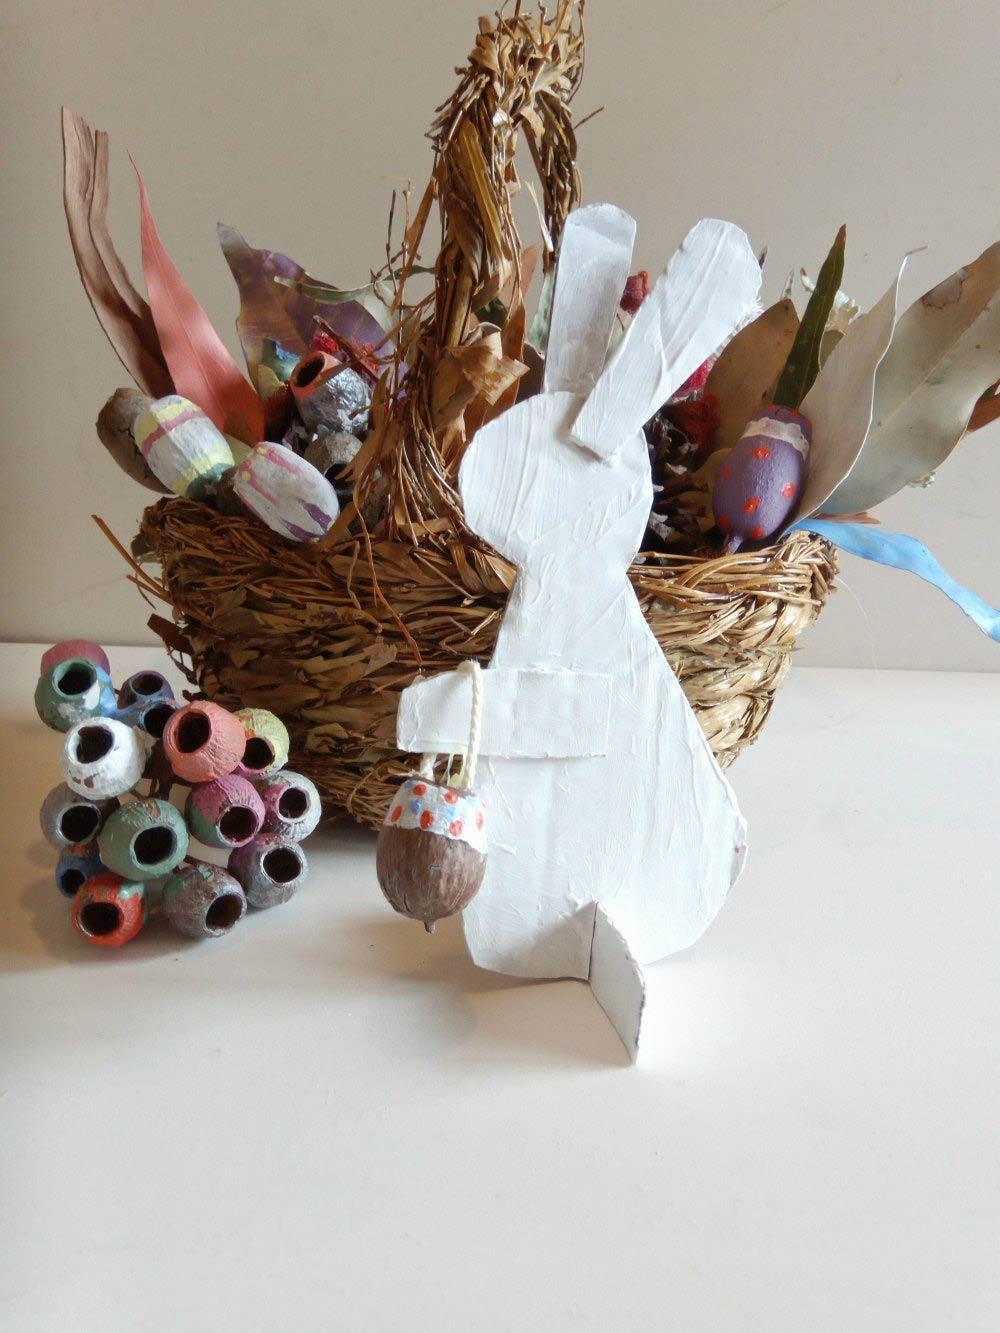 Easter Basket Table Decoration: Craft